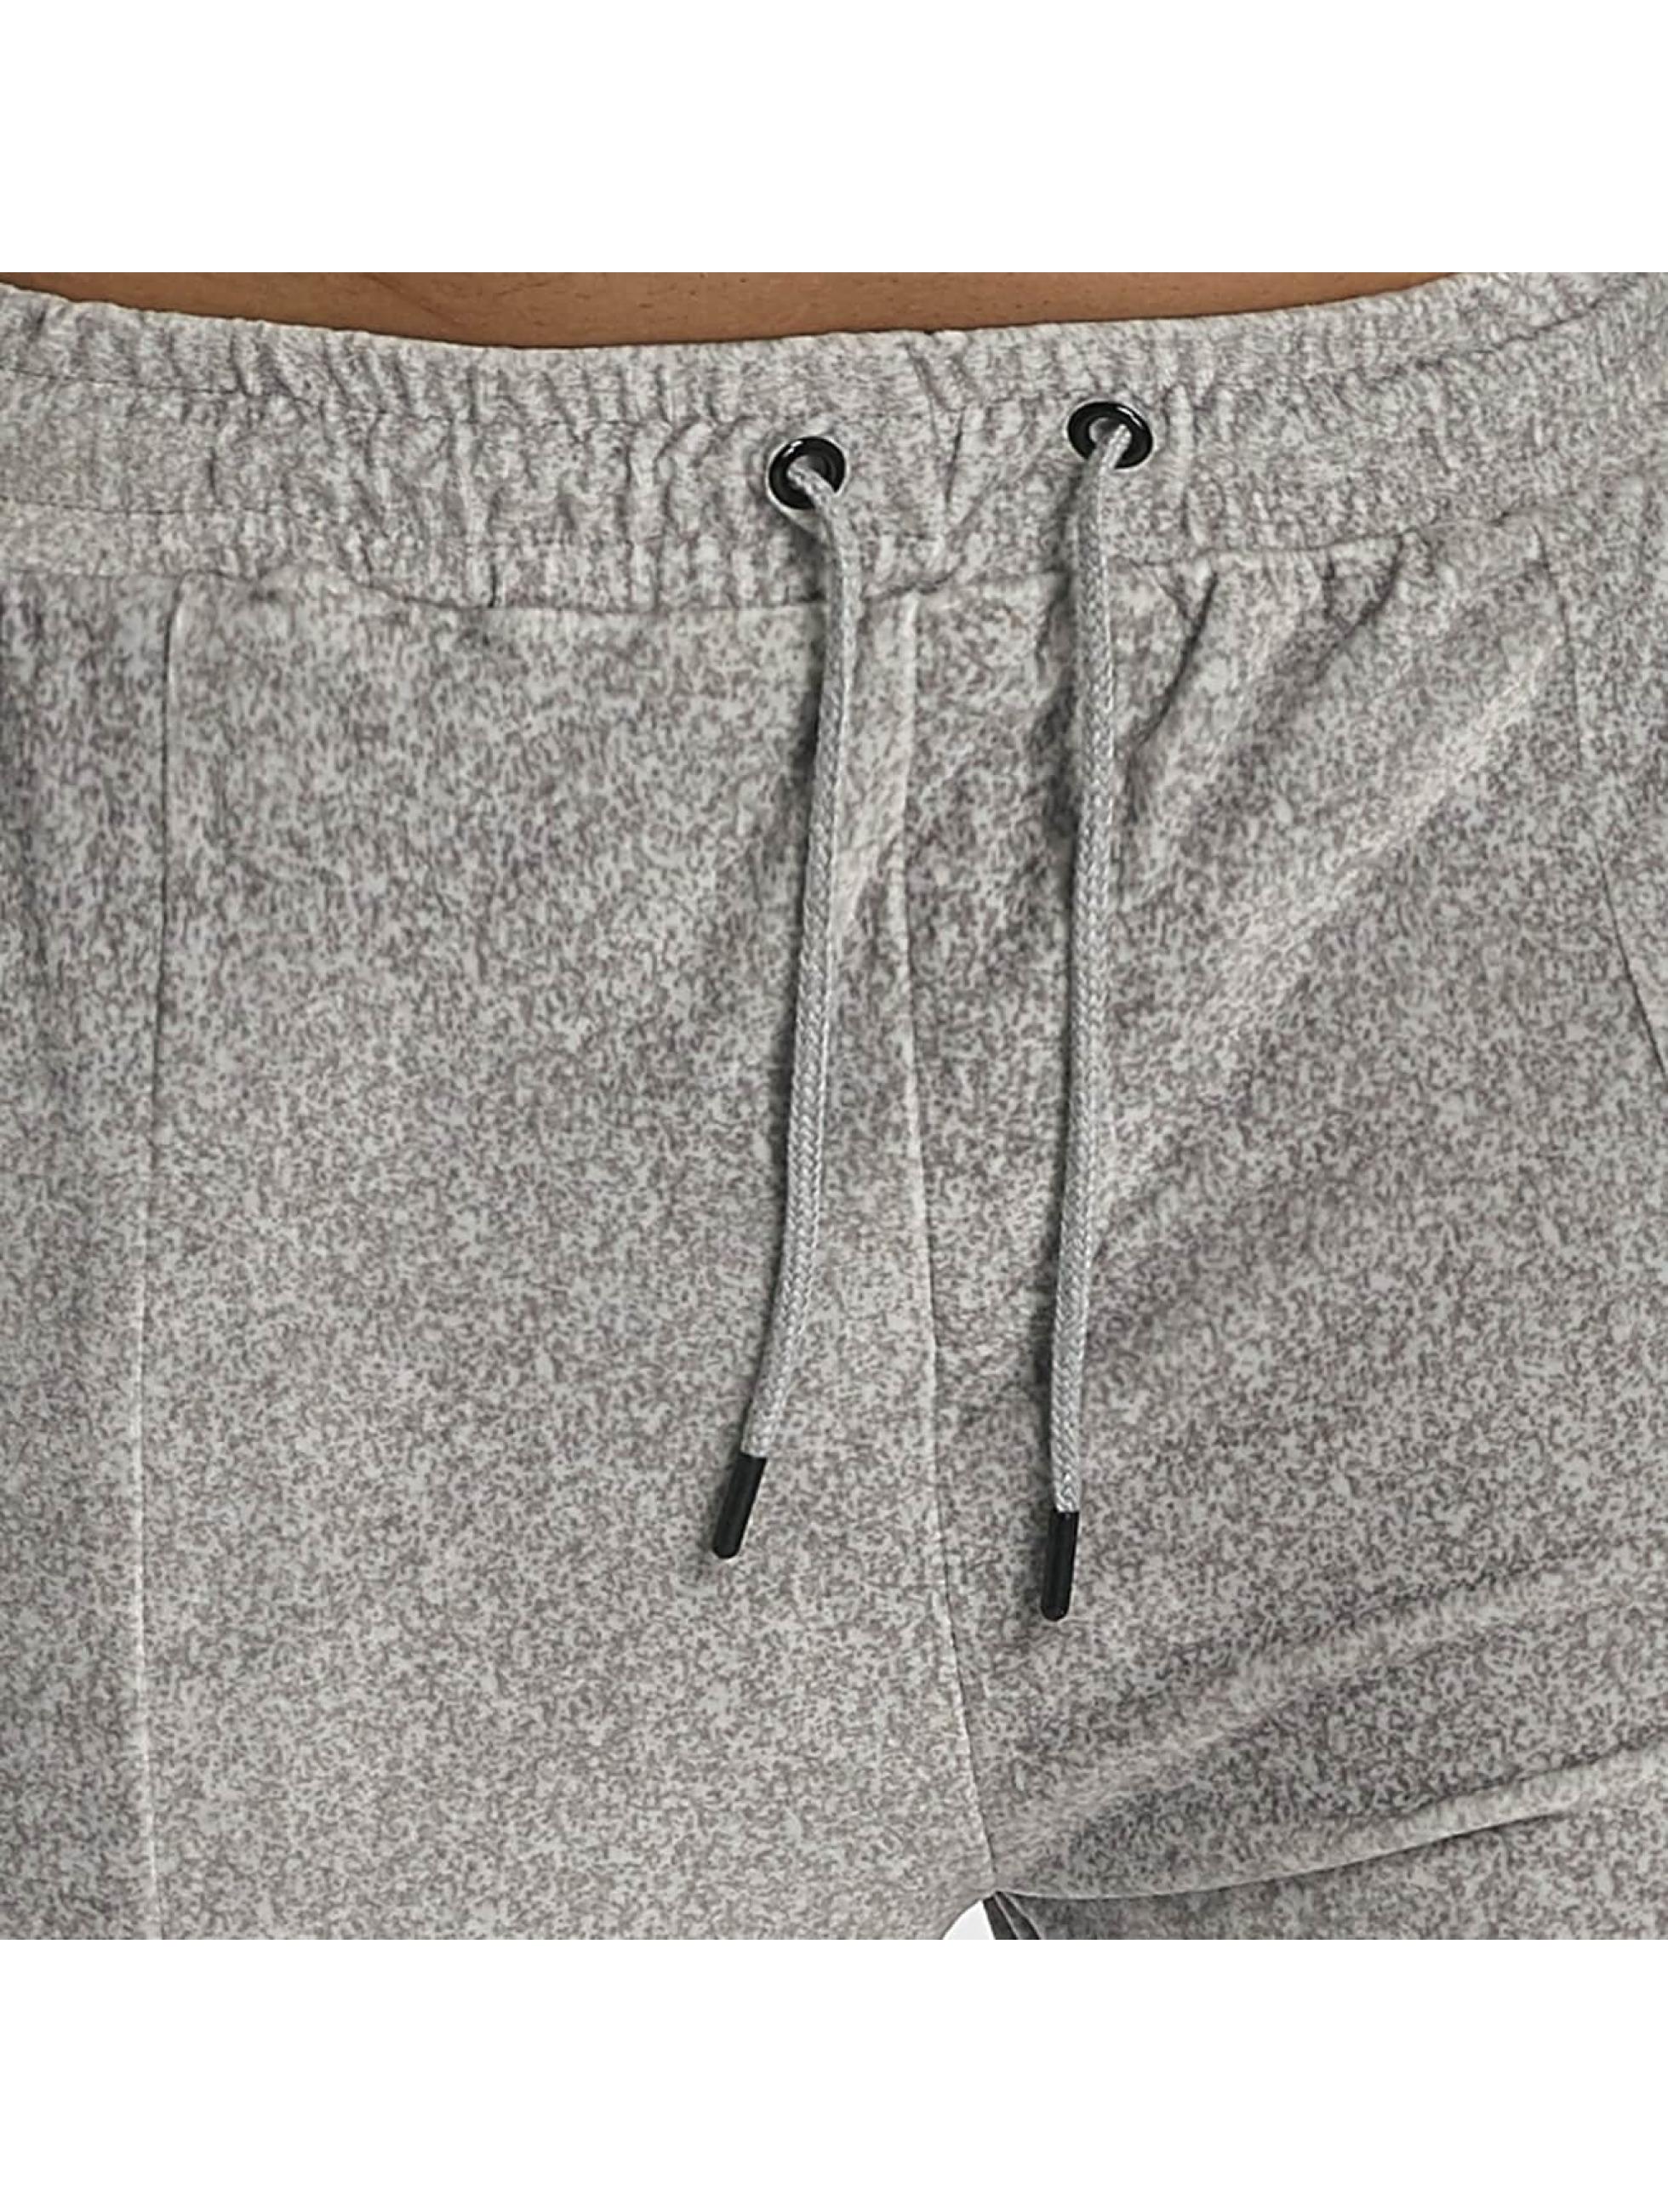 Aarhon Suits Benevento gray